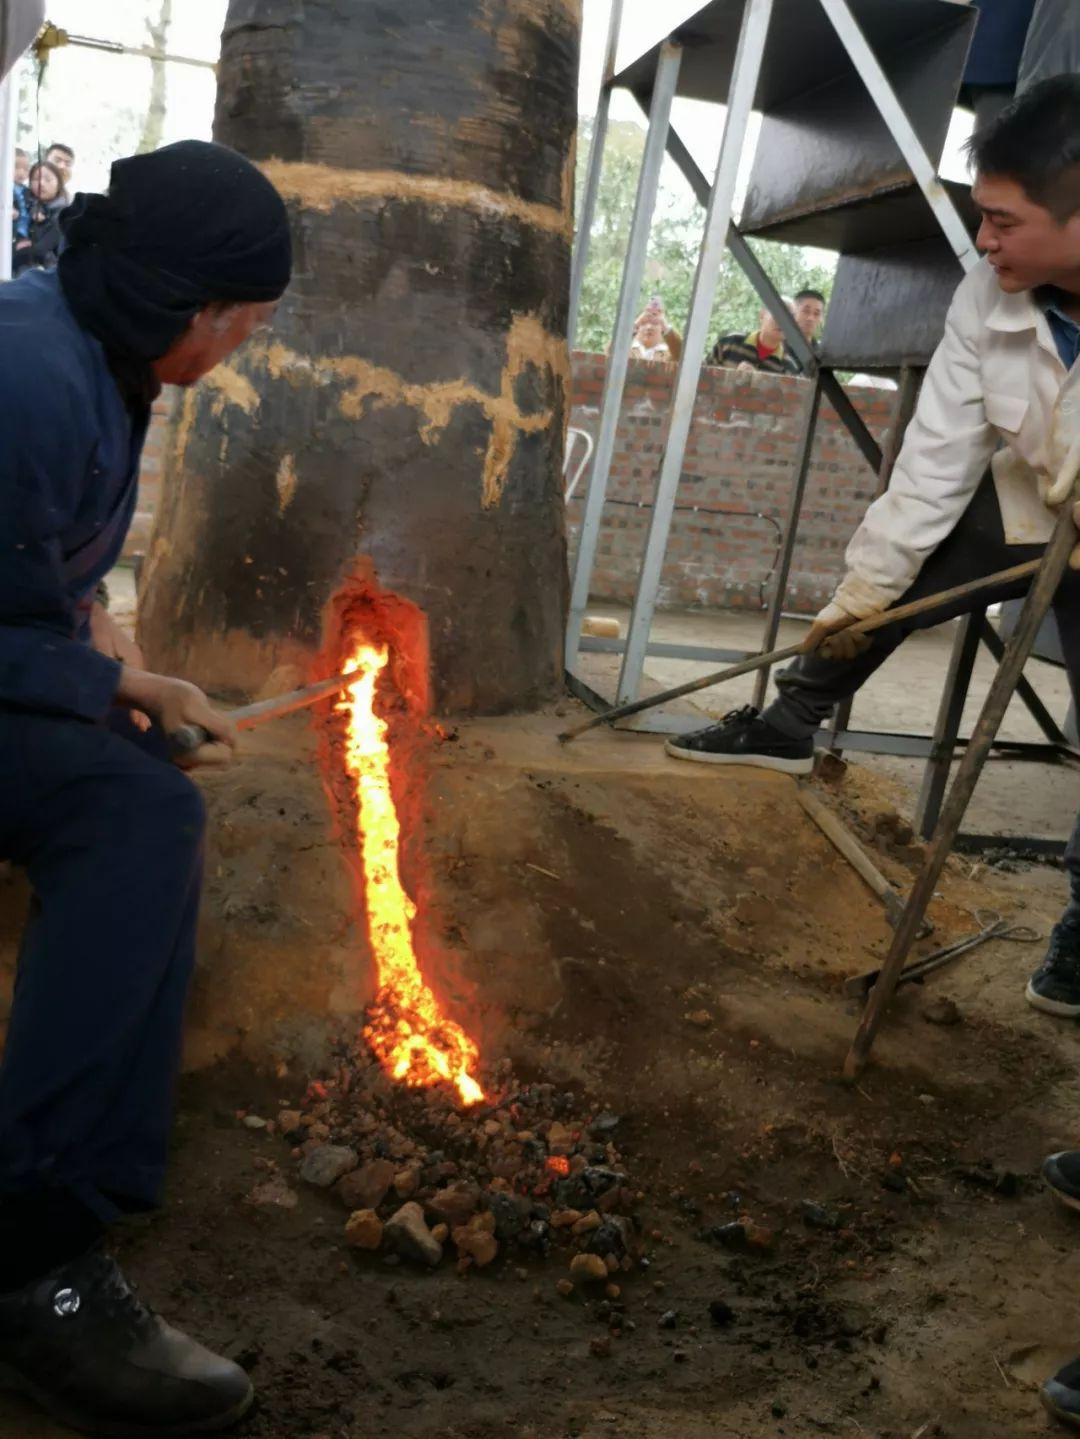 2000年前人们是怎样冶铁的?实验考古复原汉代冶铁工艺